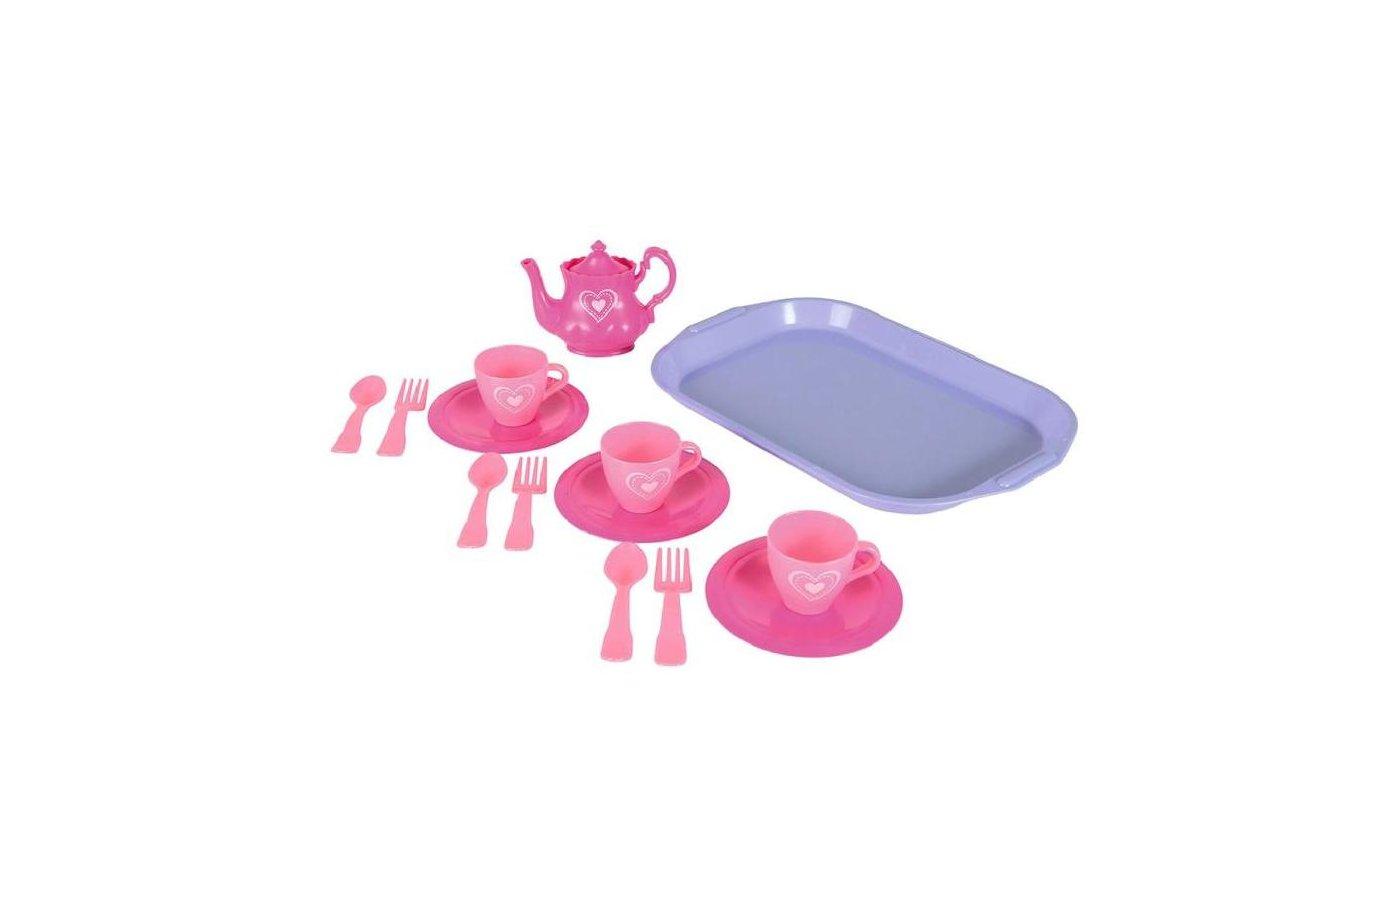 Игрушка SIMBA 4735259 Набор посуды на 3 персоны